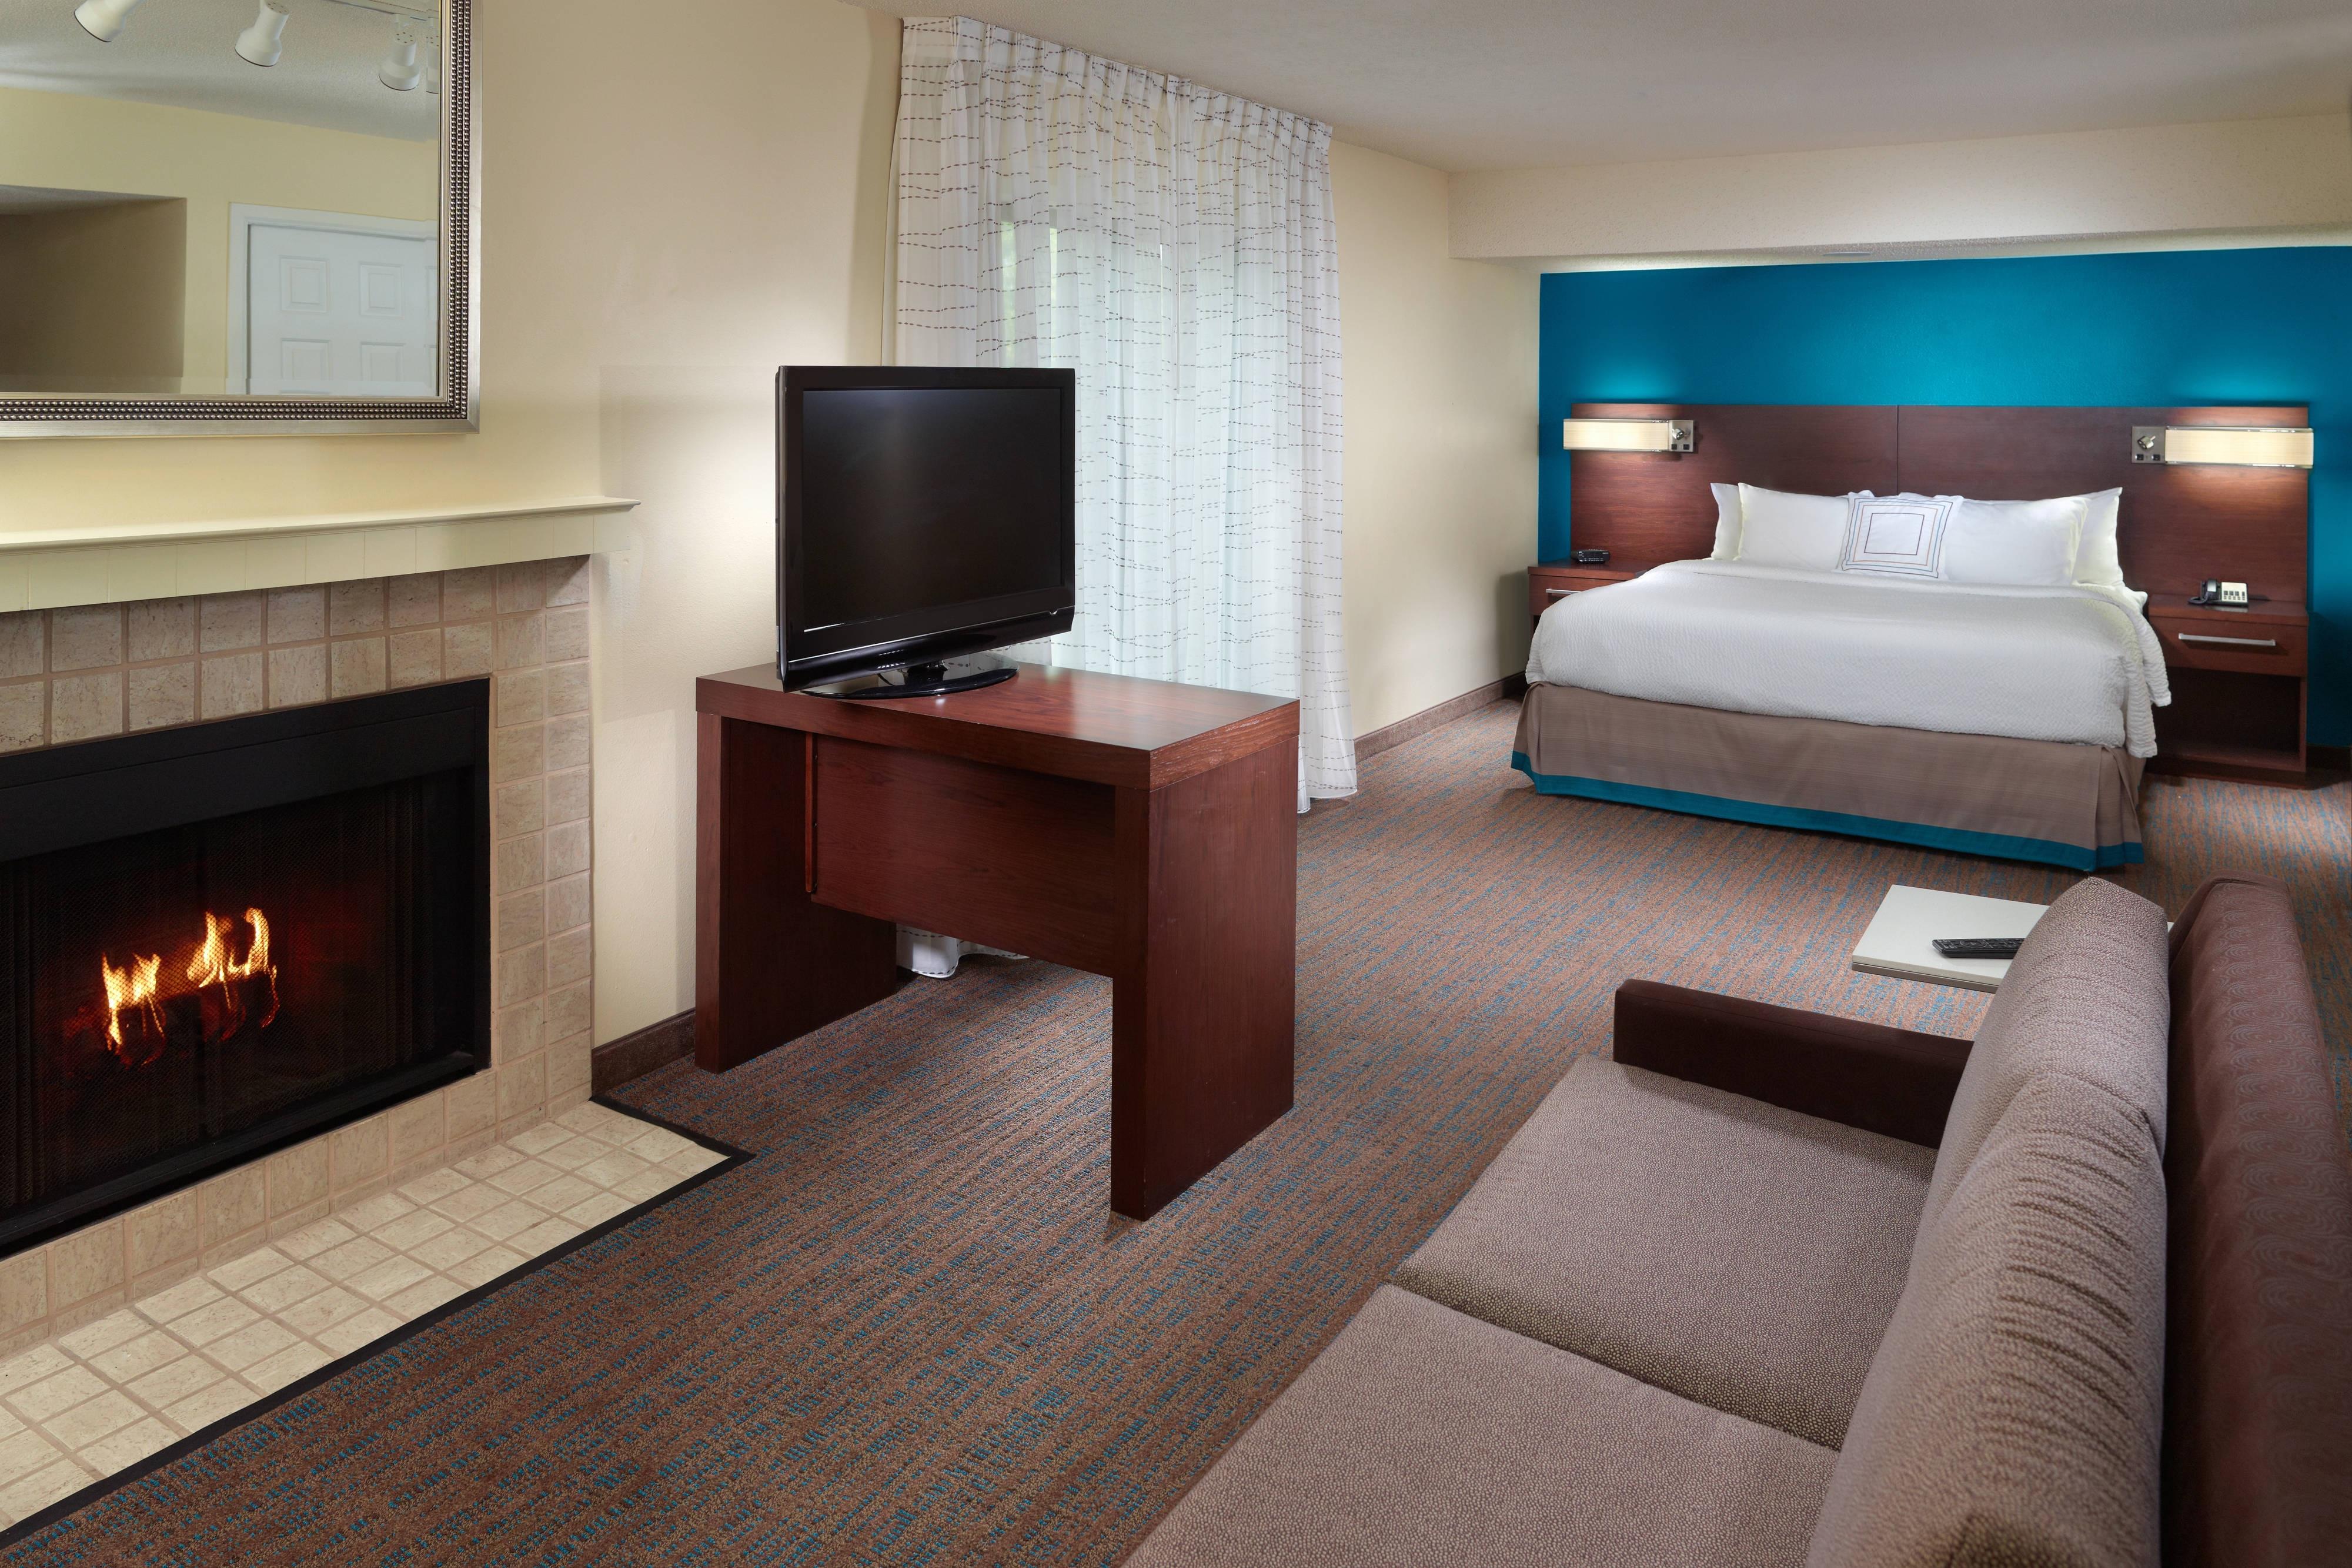 airport extended stay hotels nashville tn residence inn nashville